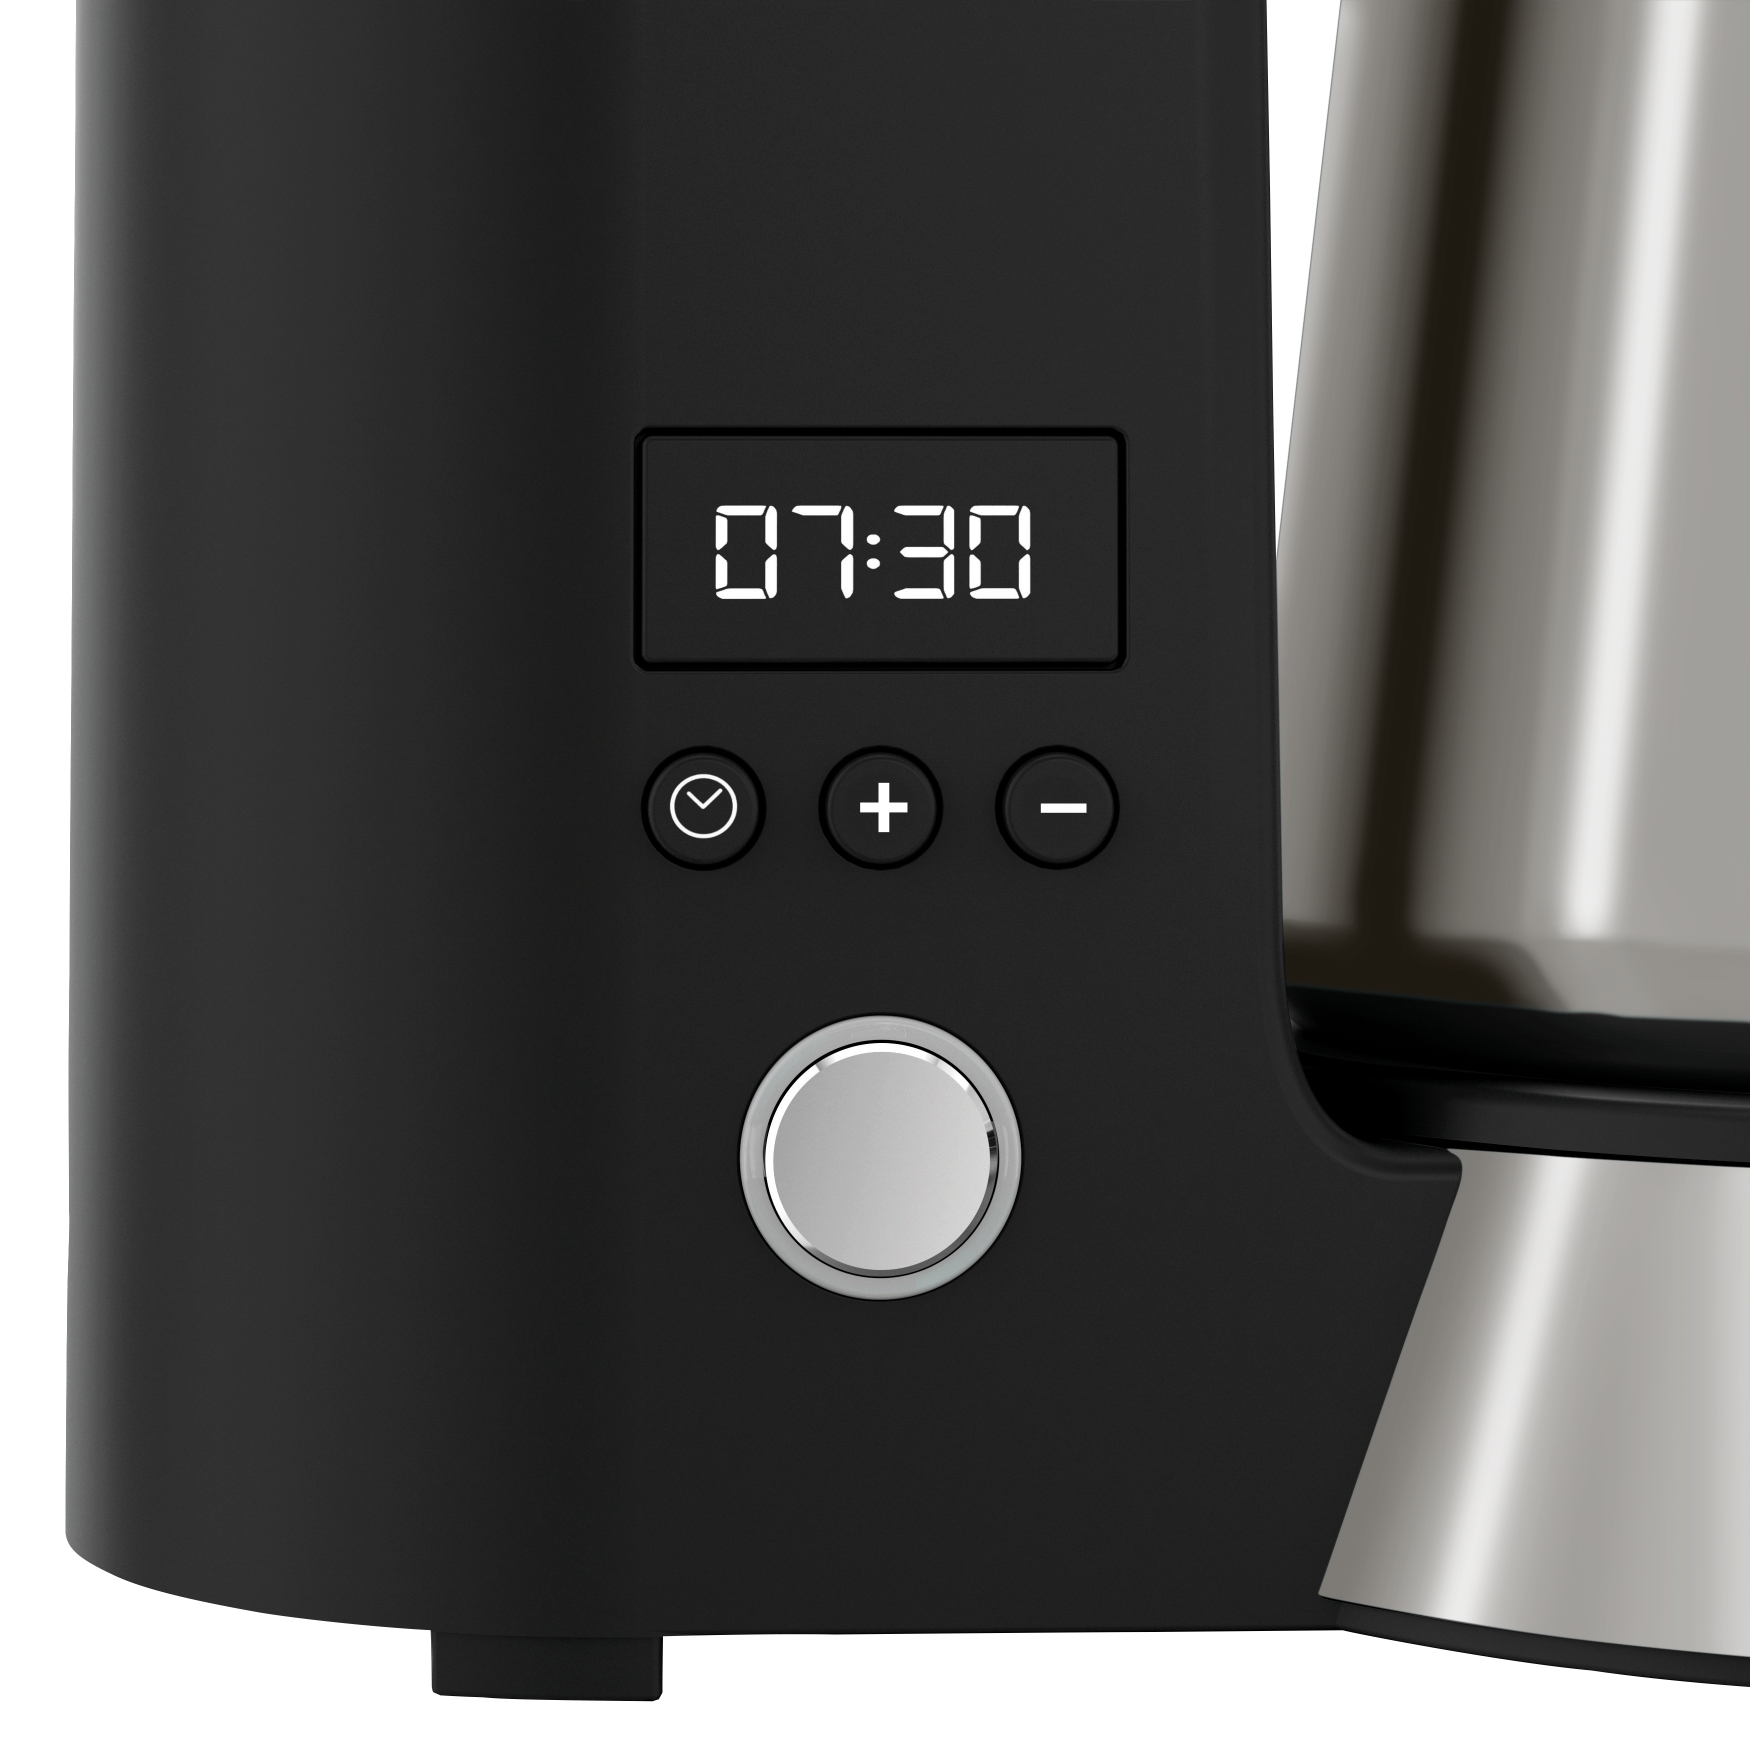 WMF KITCHENminisⓇ Filtre Kahve Makinesi - Termos Karaf, Grafit